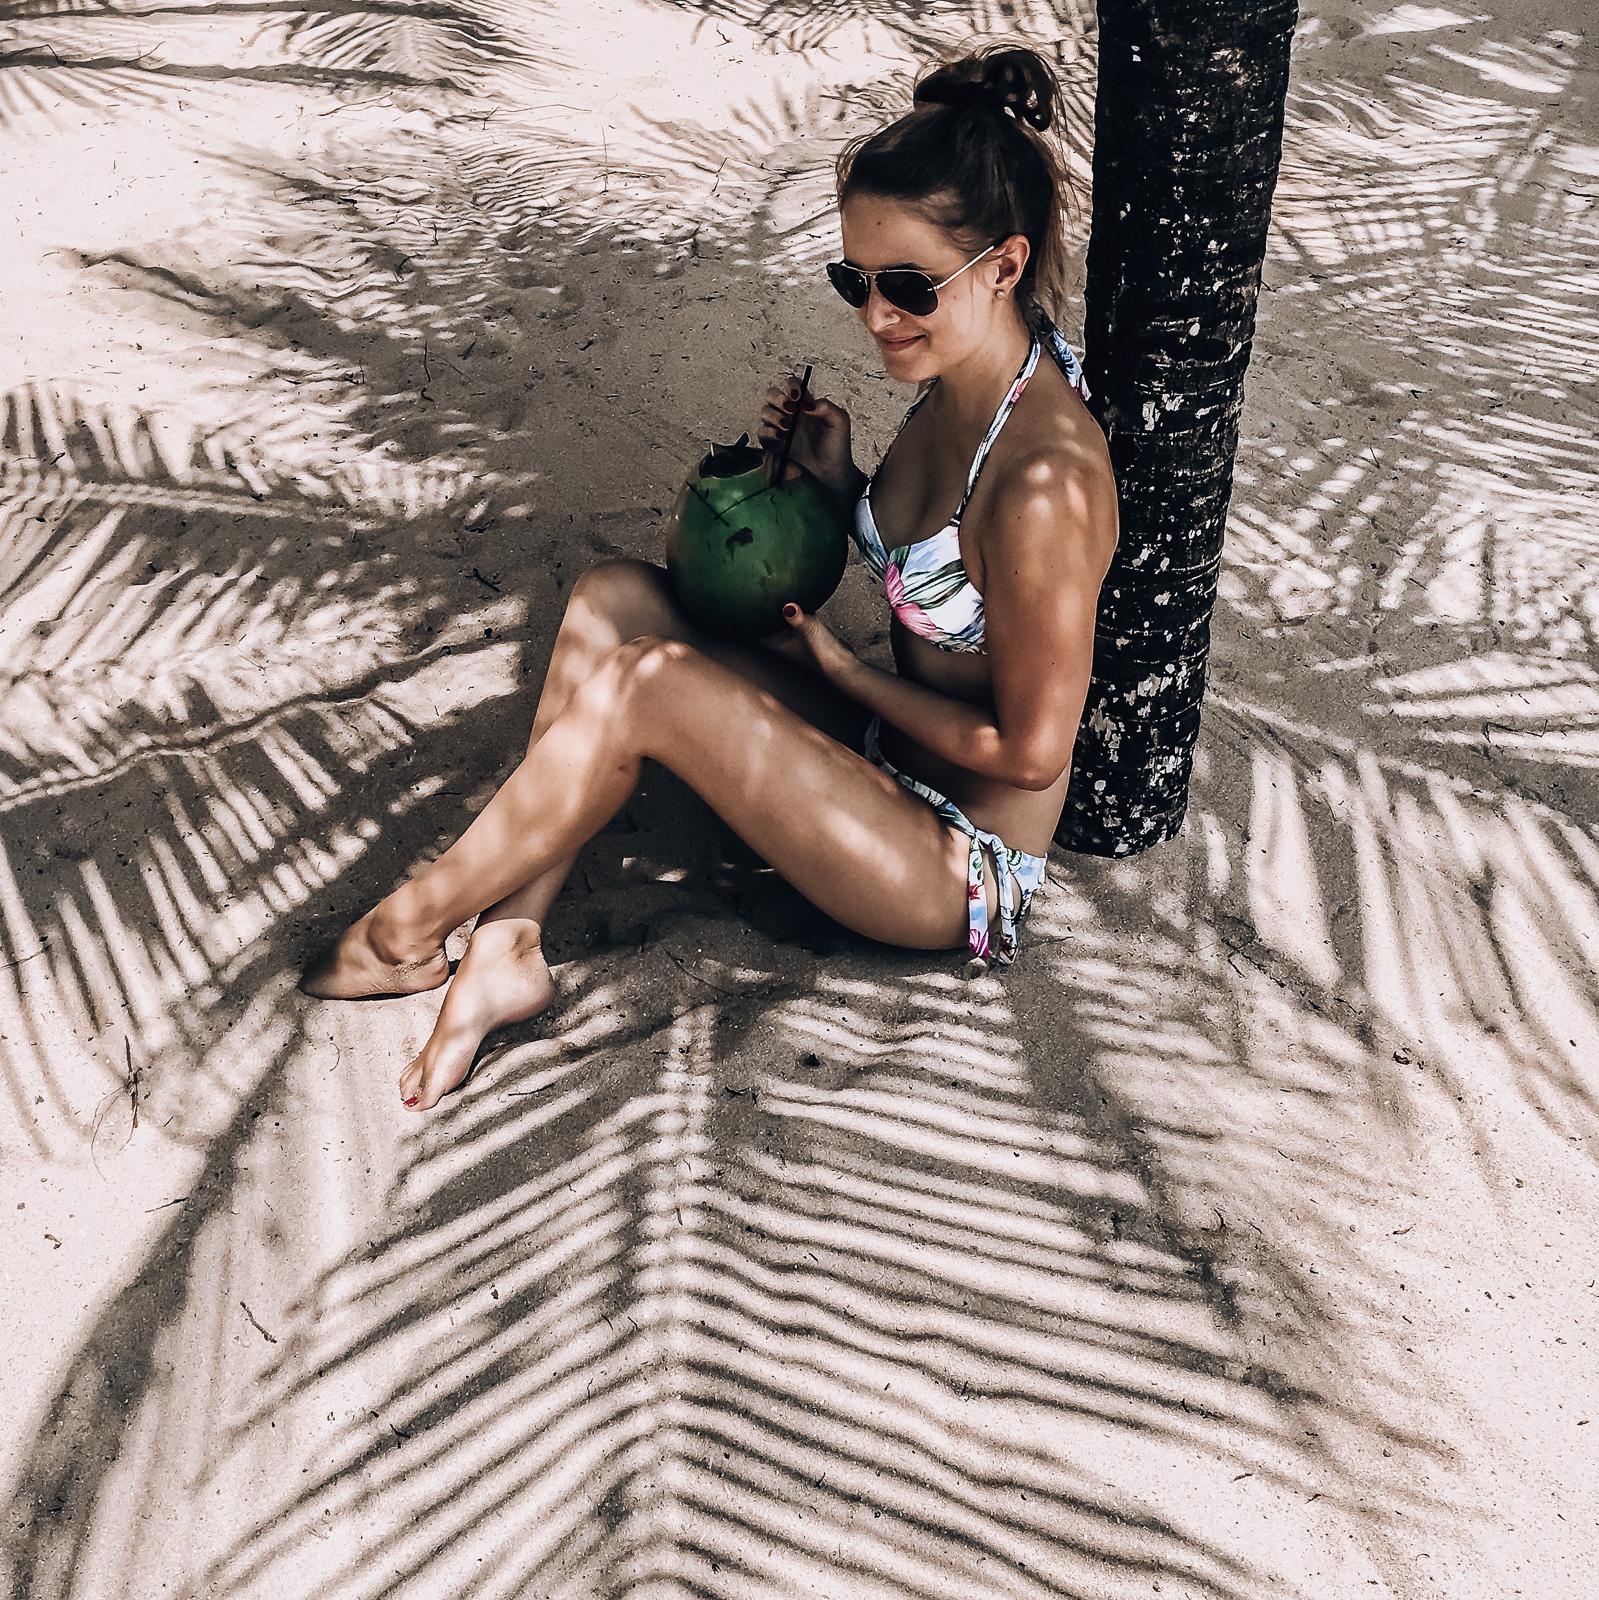 Bali Travel Guide - Reisebericht - Tipps und Wissenswertes für deine Bali Reise - Reiseführer - Indonesien - Bali Reiseführer - Fotos von Bali - Bali Bilder - Bali Sehenswürdigkeiten - Bali Hotspots - Reiseziel Bali - Fashionladyloves by Tamara Wagner - Travel Blog - Reiseblogger